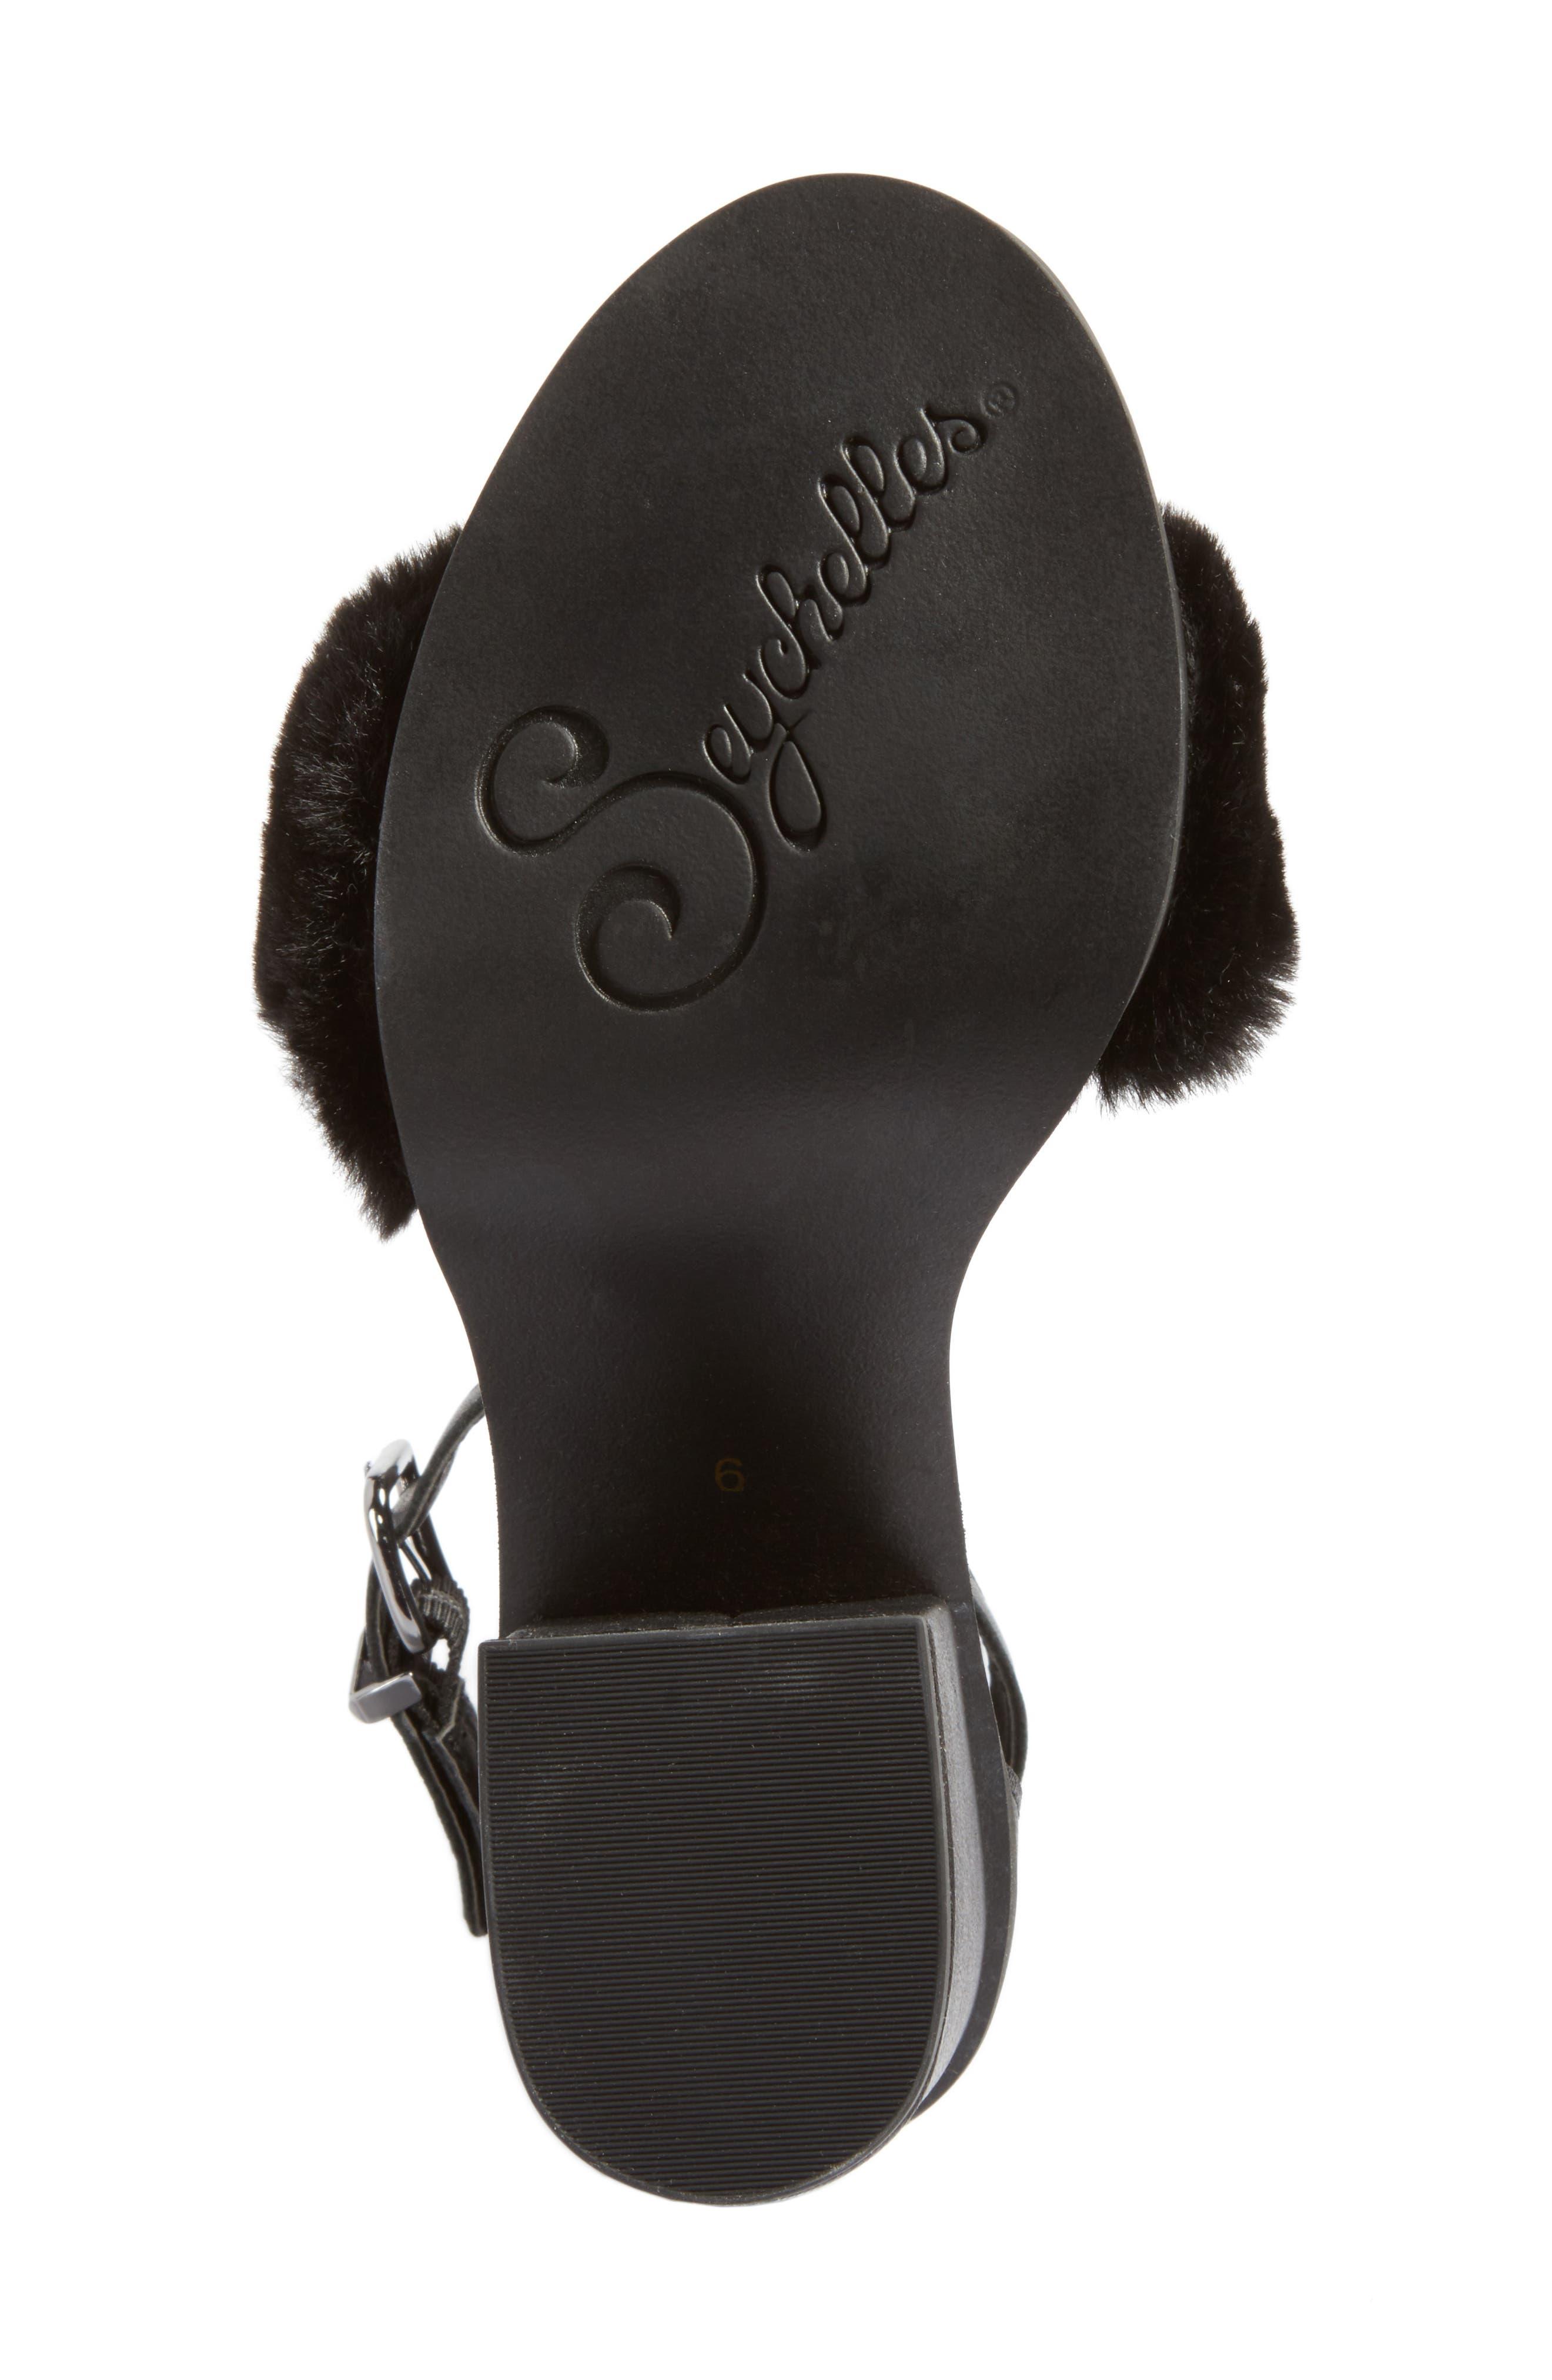 Faux Fur Ankle Strap Sandal,                             Alternate thumbnail 6, color,                             Black Faux Fur Leather